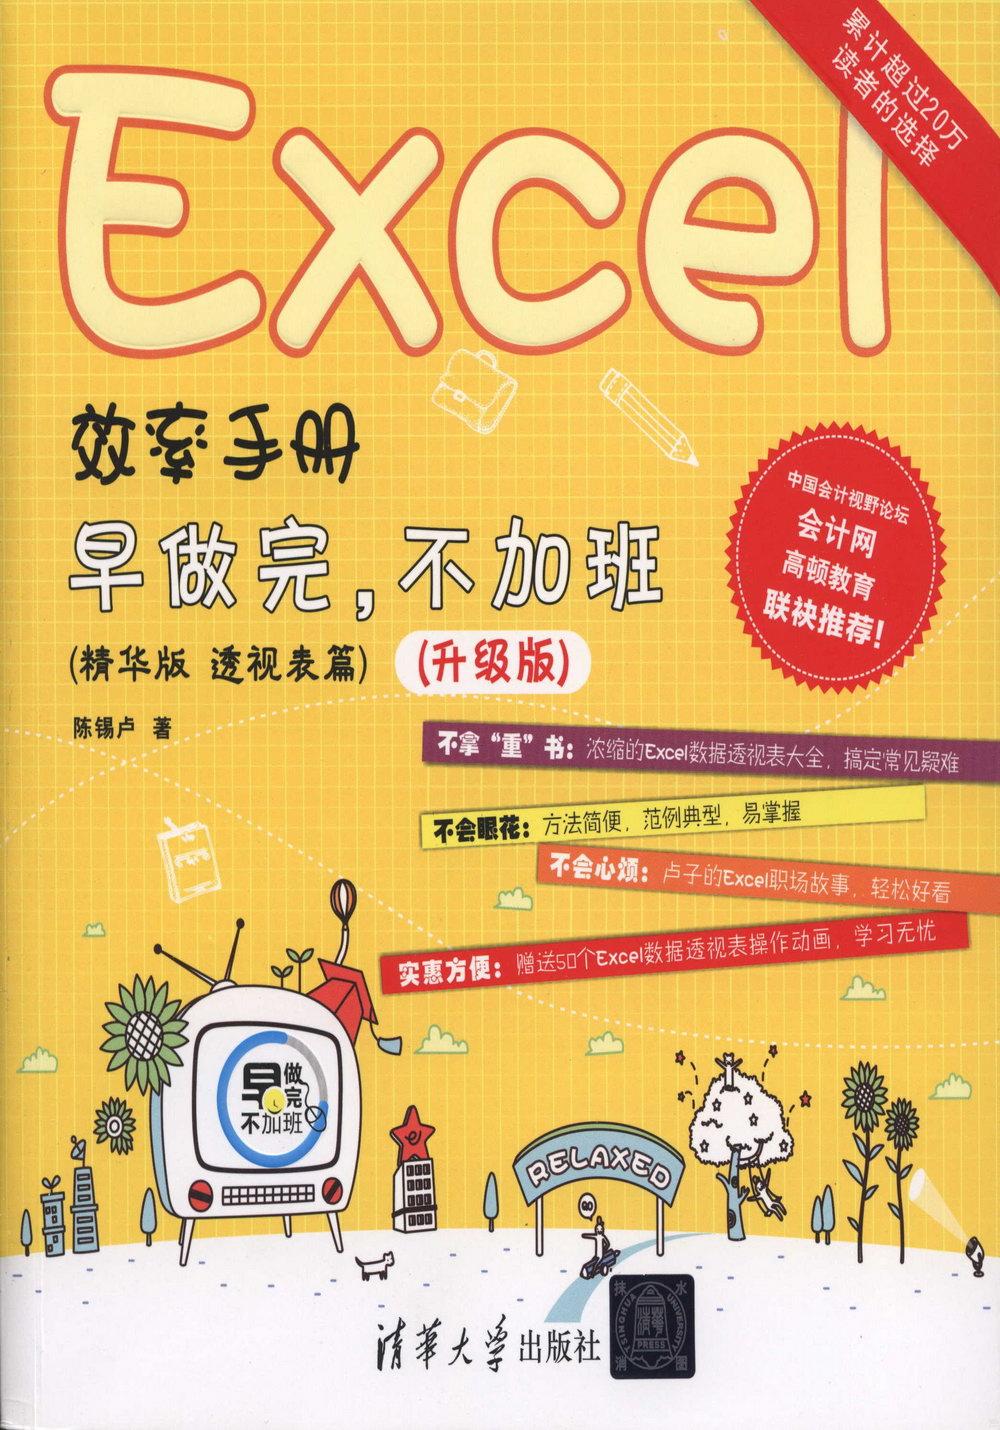 Excel效率手冊:早做完,不加班(精華版 透視表篇)(升級版)